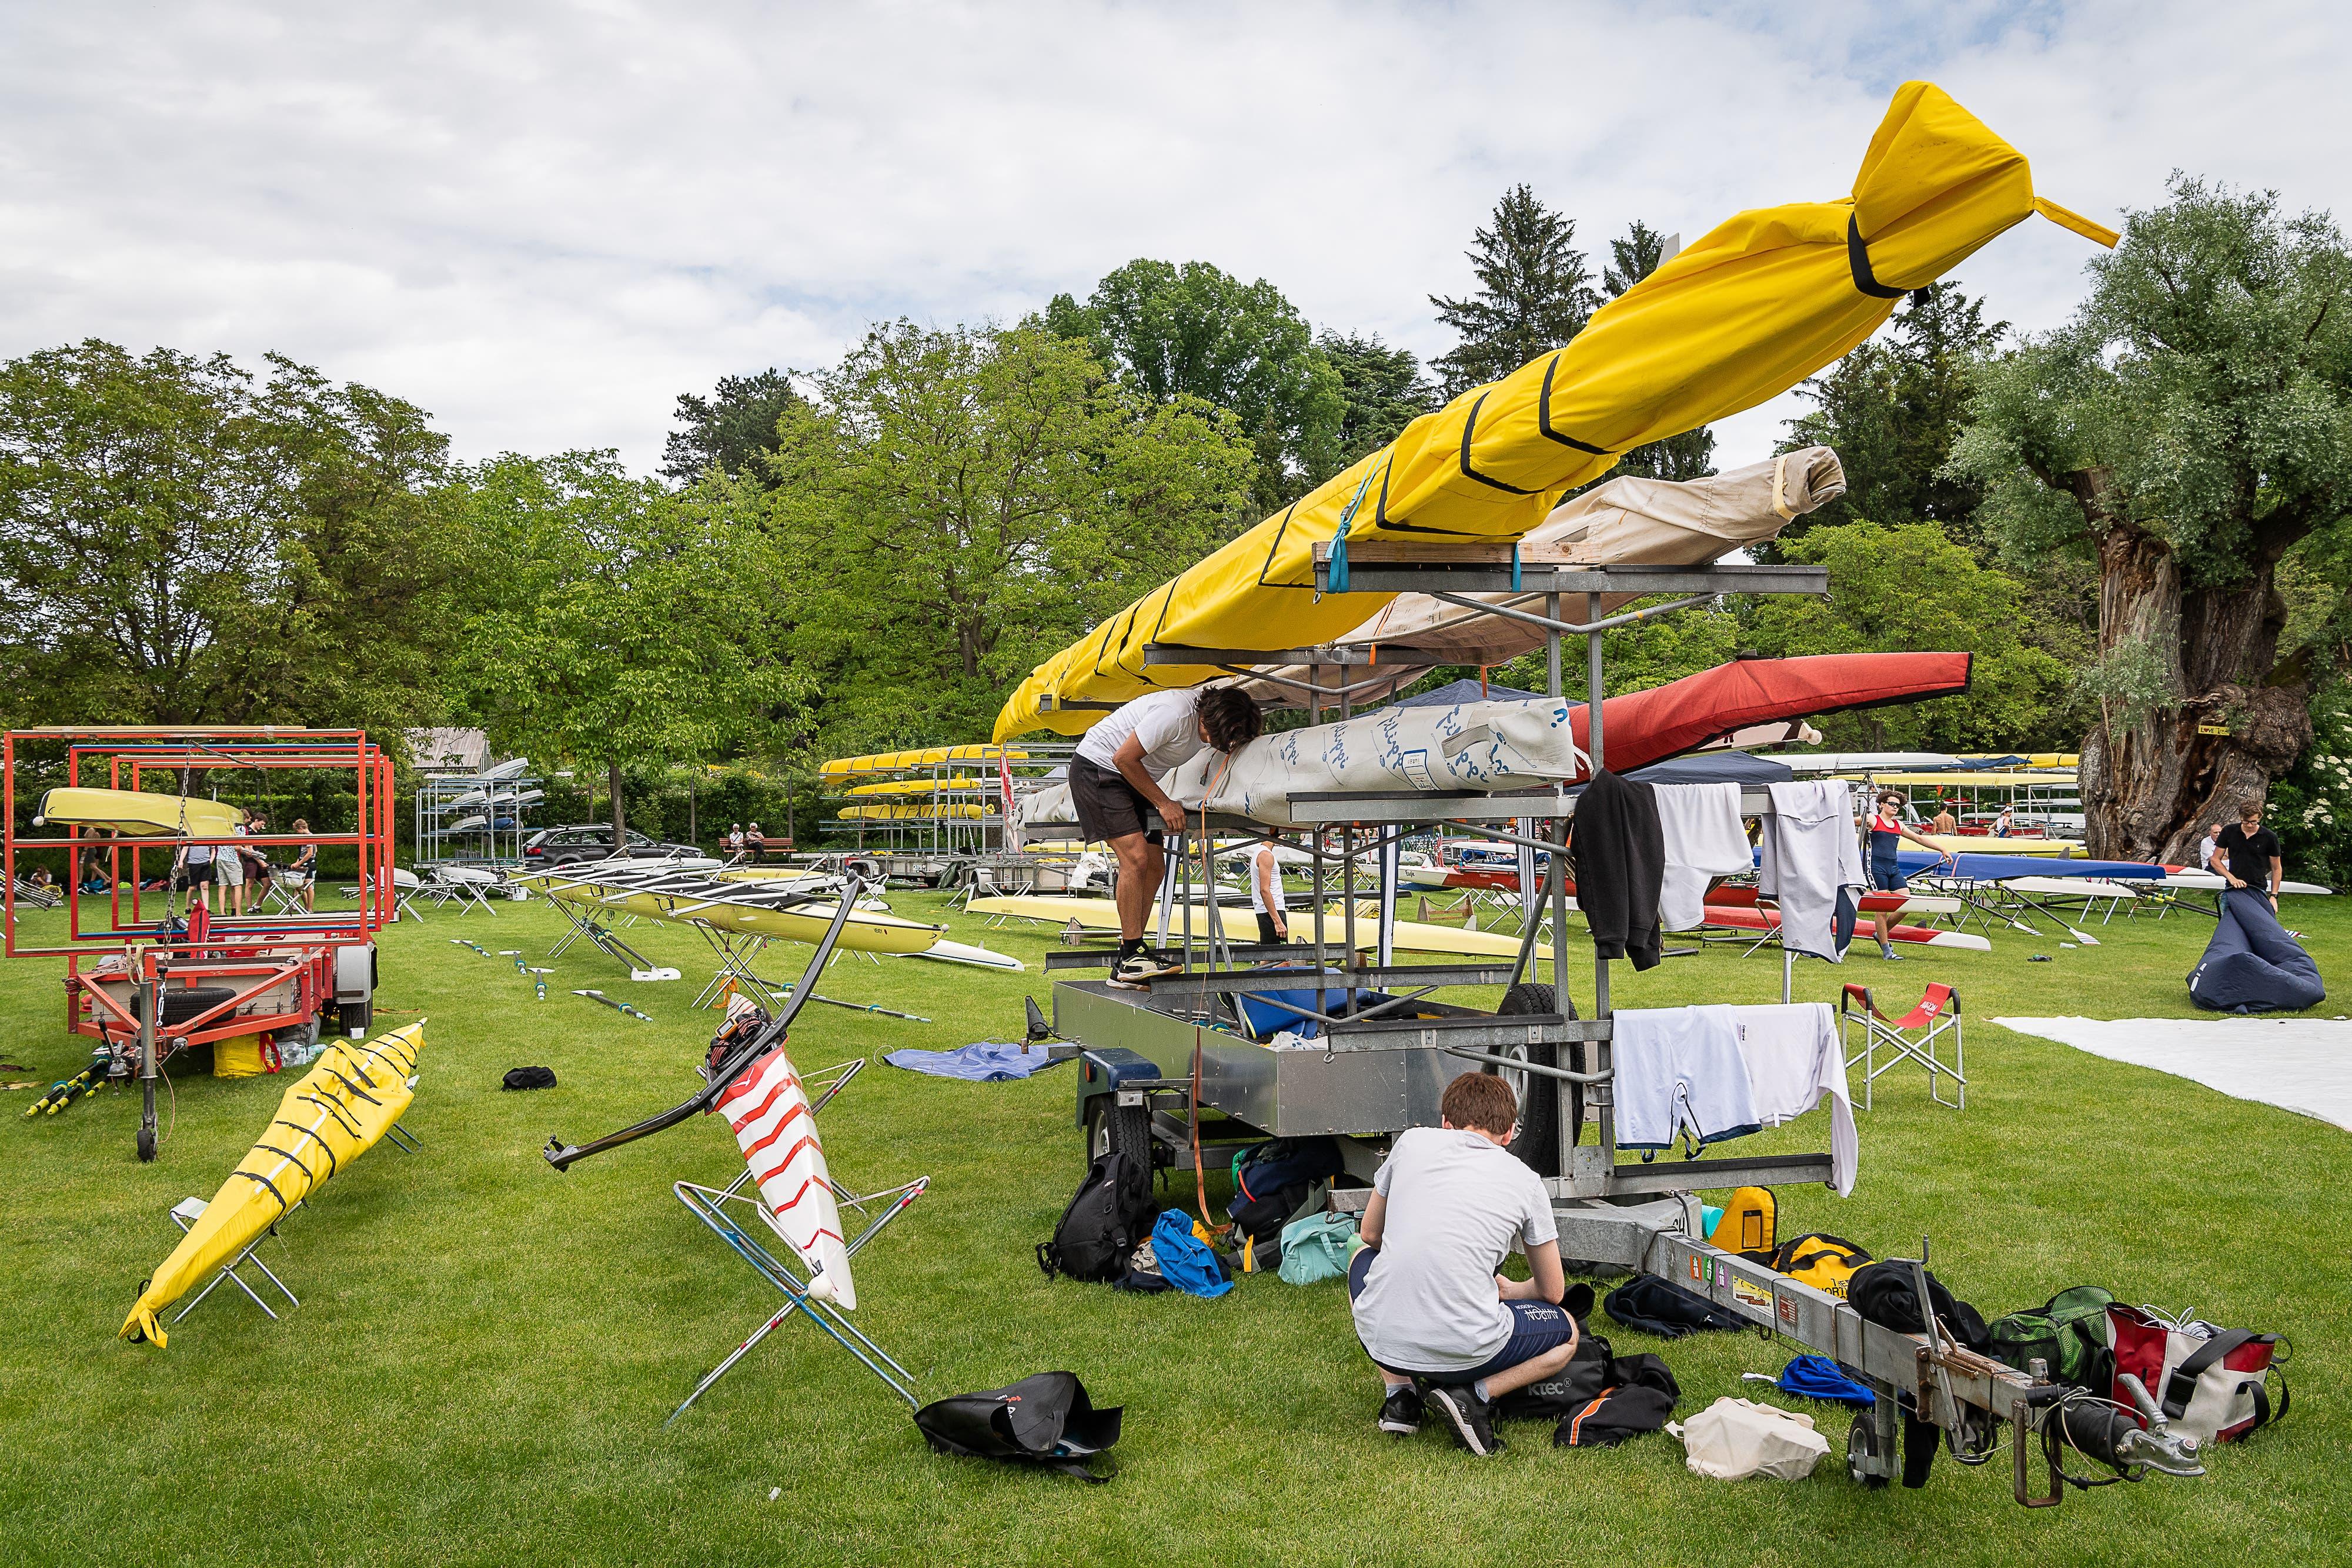 Nach dem Einsatz kommen die Boote auf den Anhänger. (Bild: Christian H. Hildebrand, 26. Mai 2018)